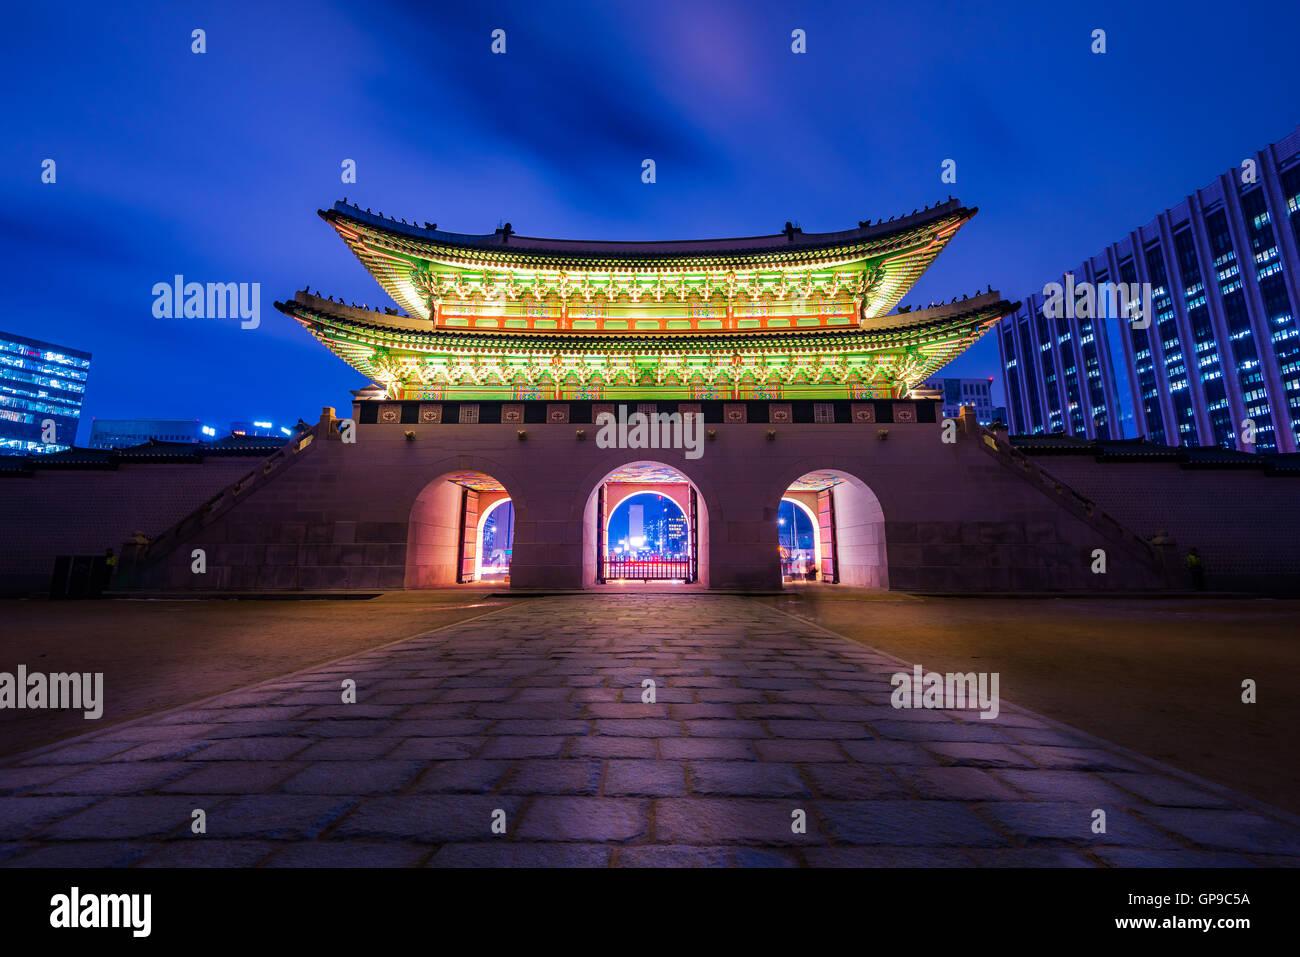 Il palazzo Gyeongbokgung a Seul, in Corea. Immagini Stock